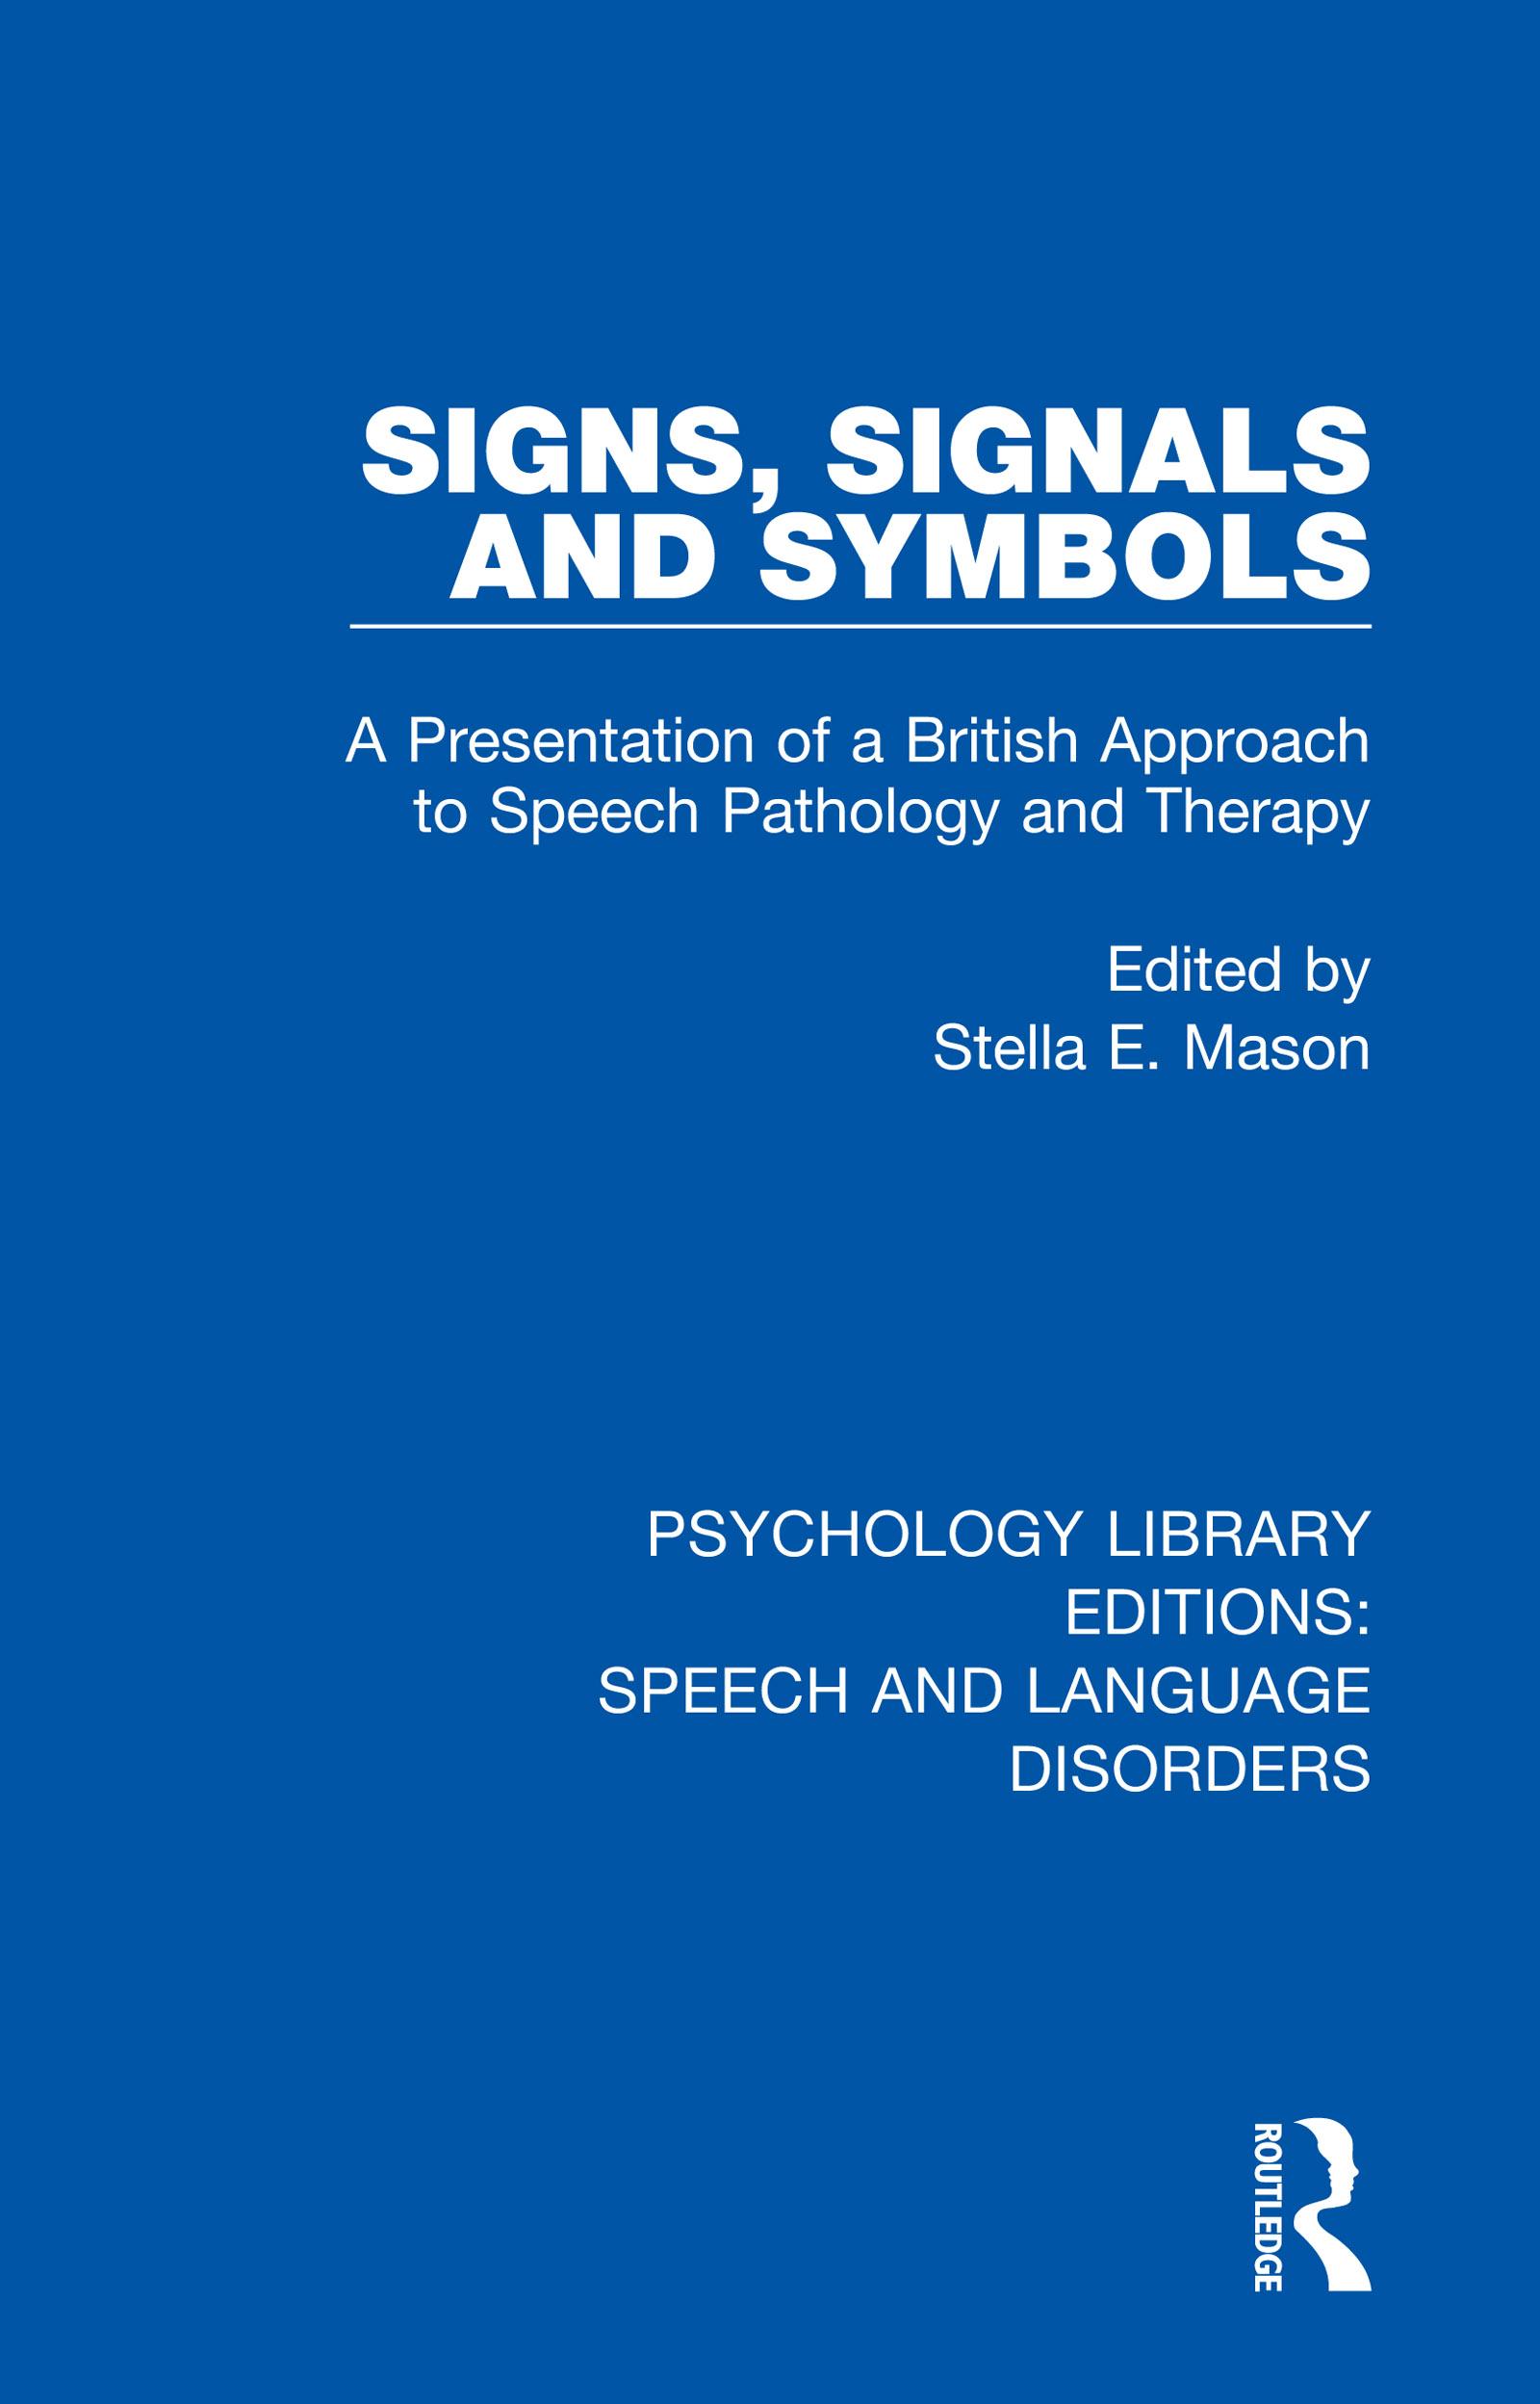 Signs, Signals and Symbols